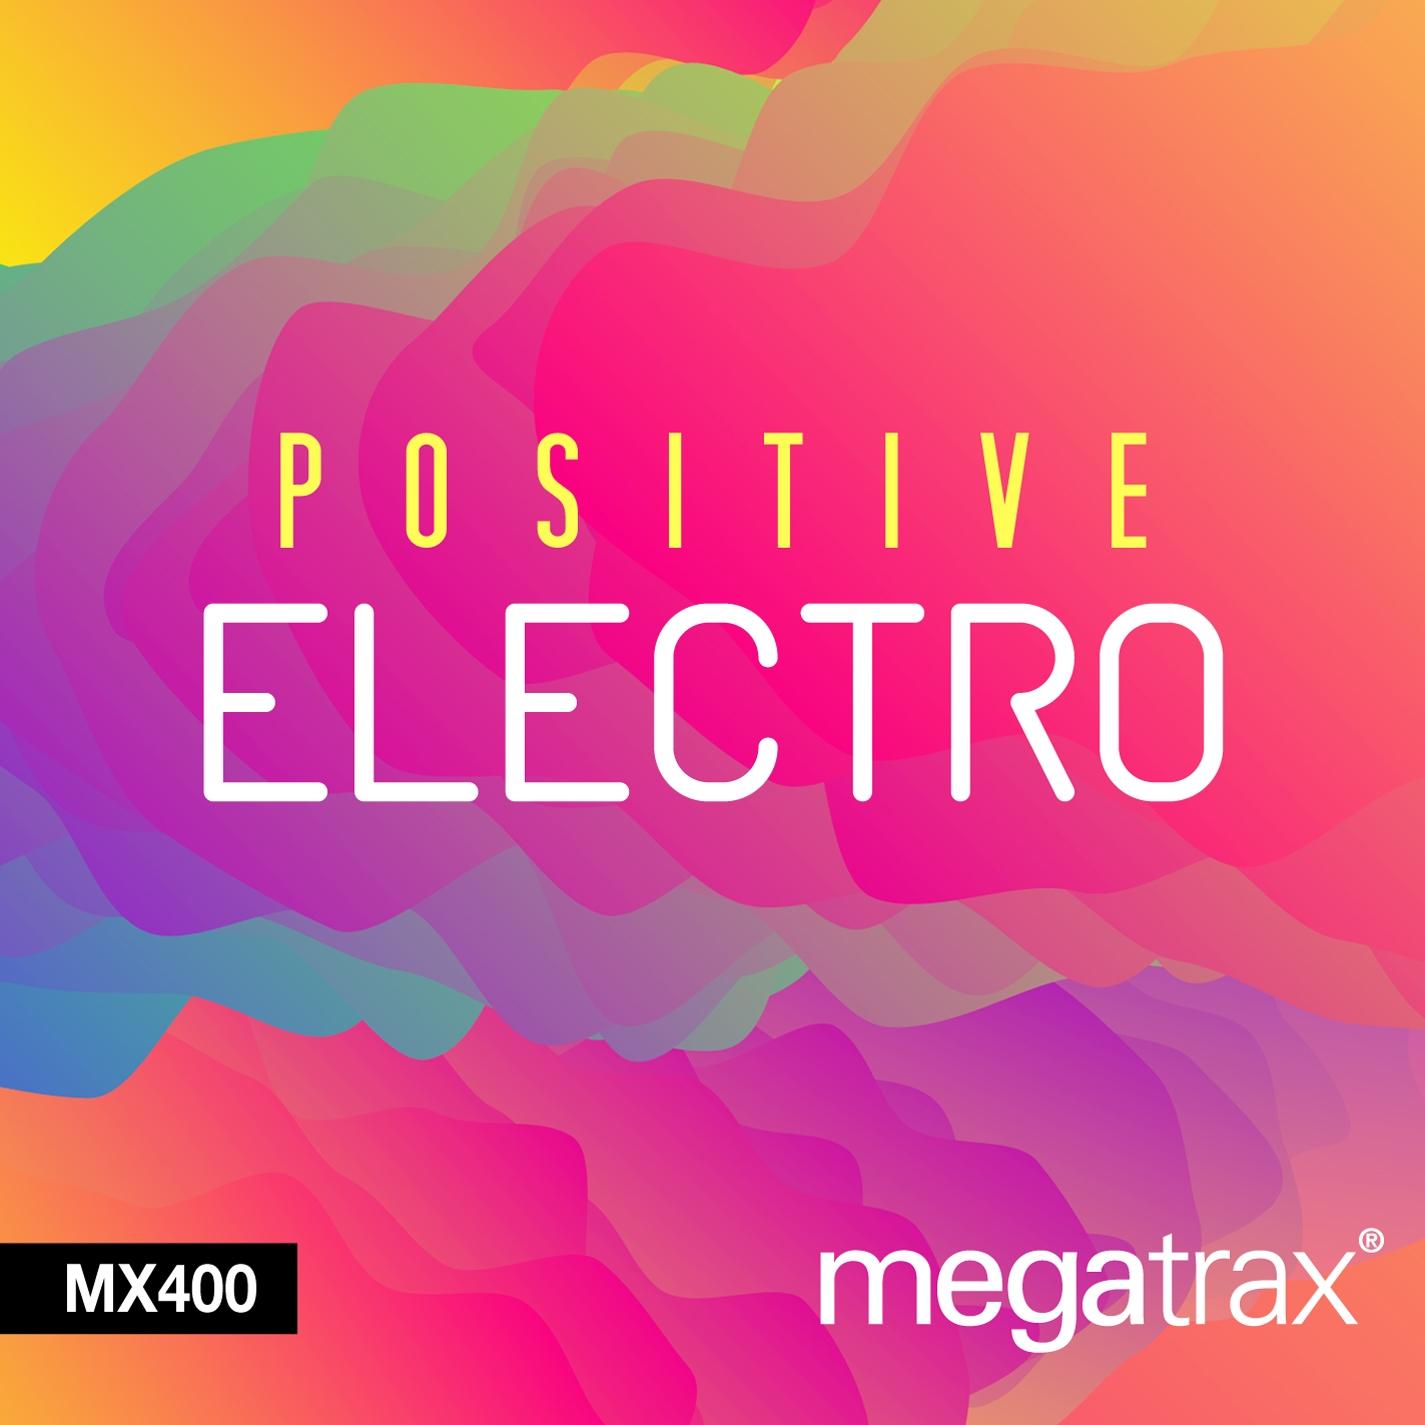 Positive Electro